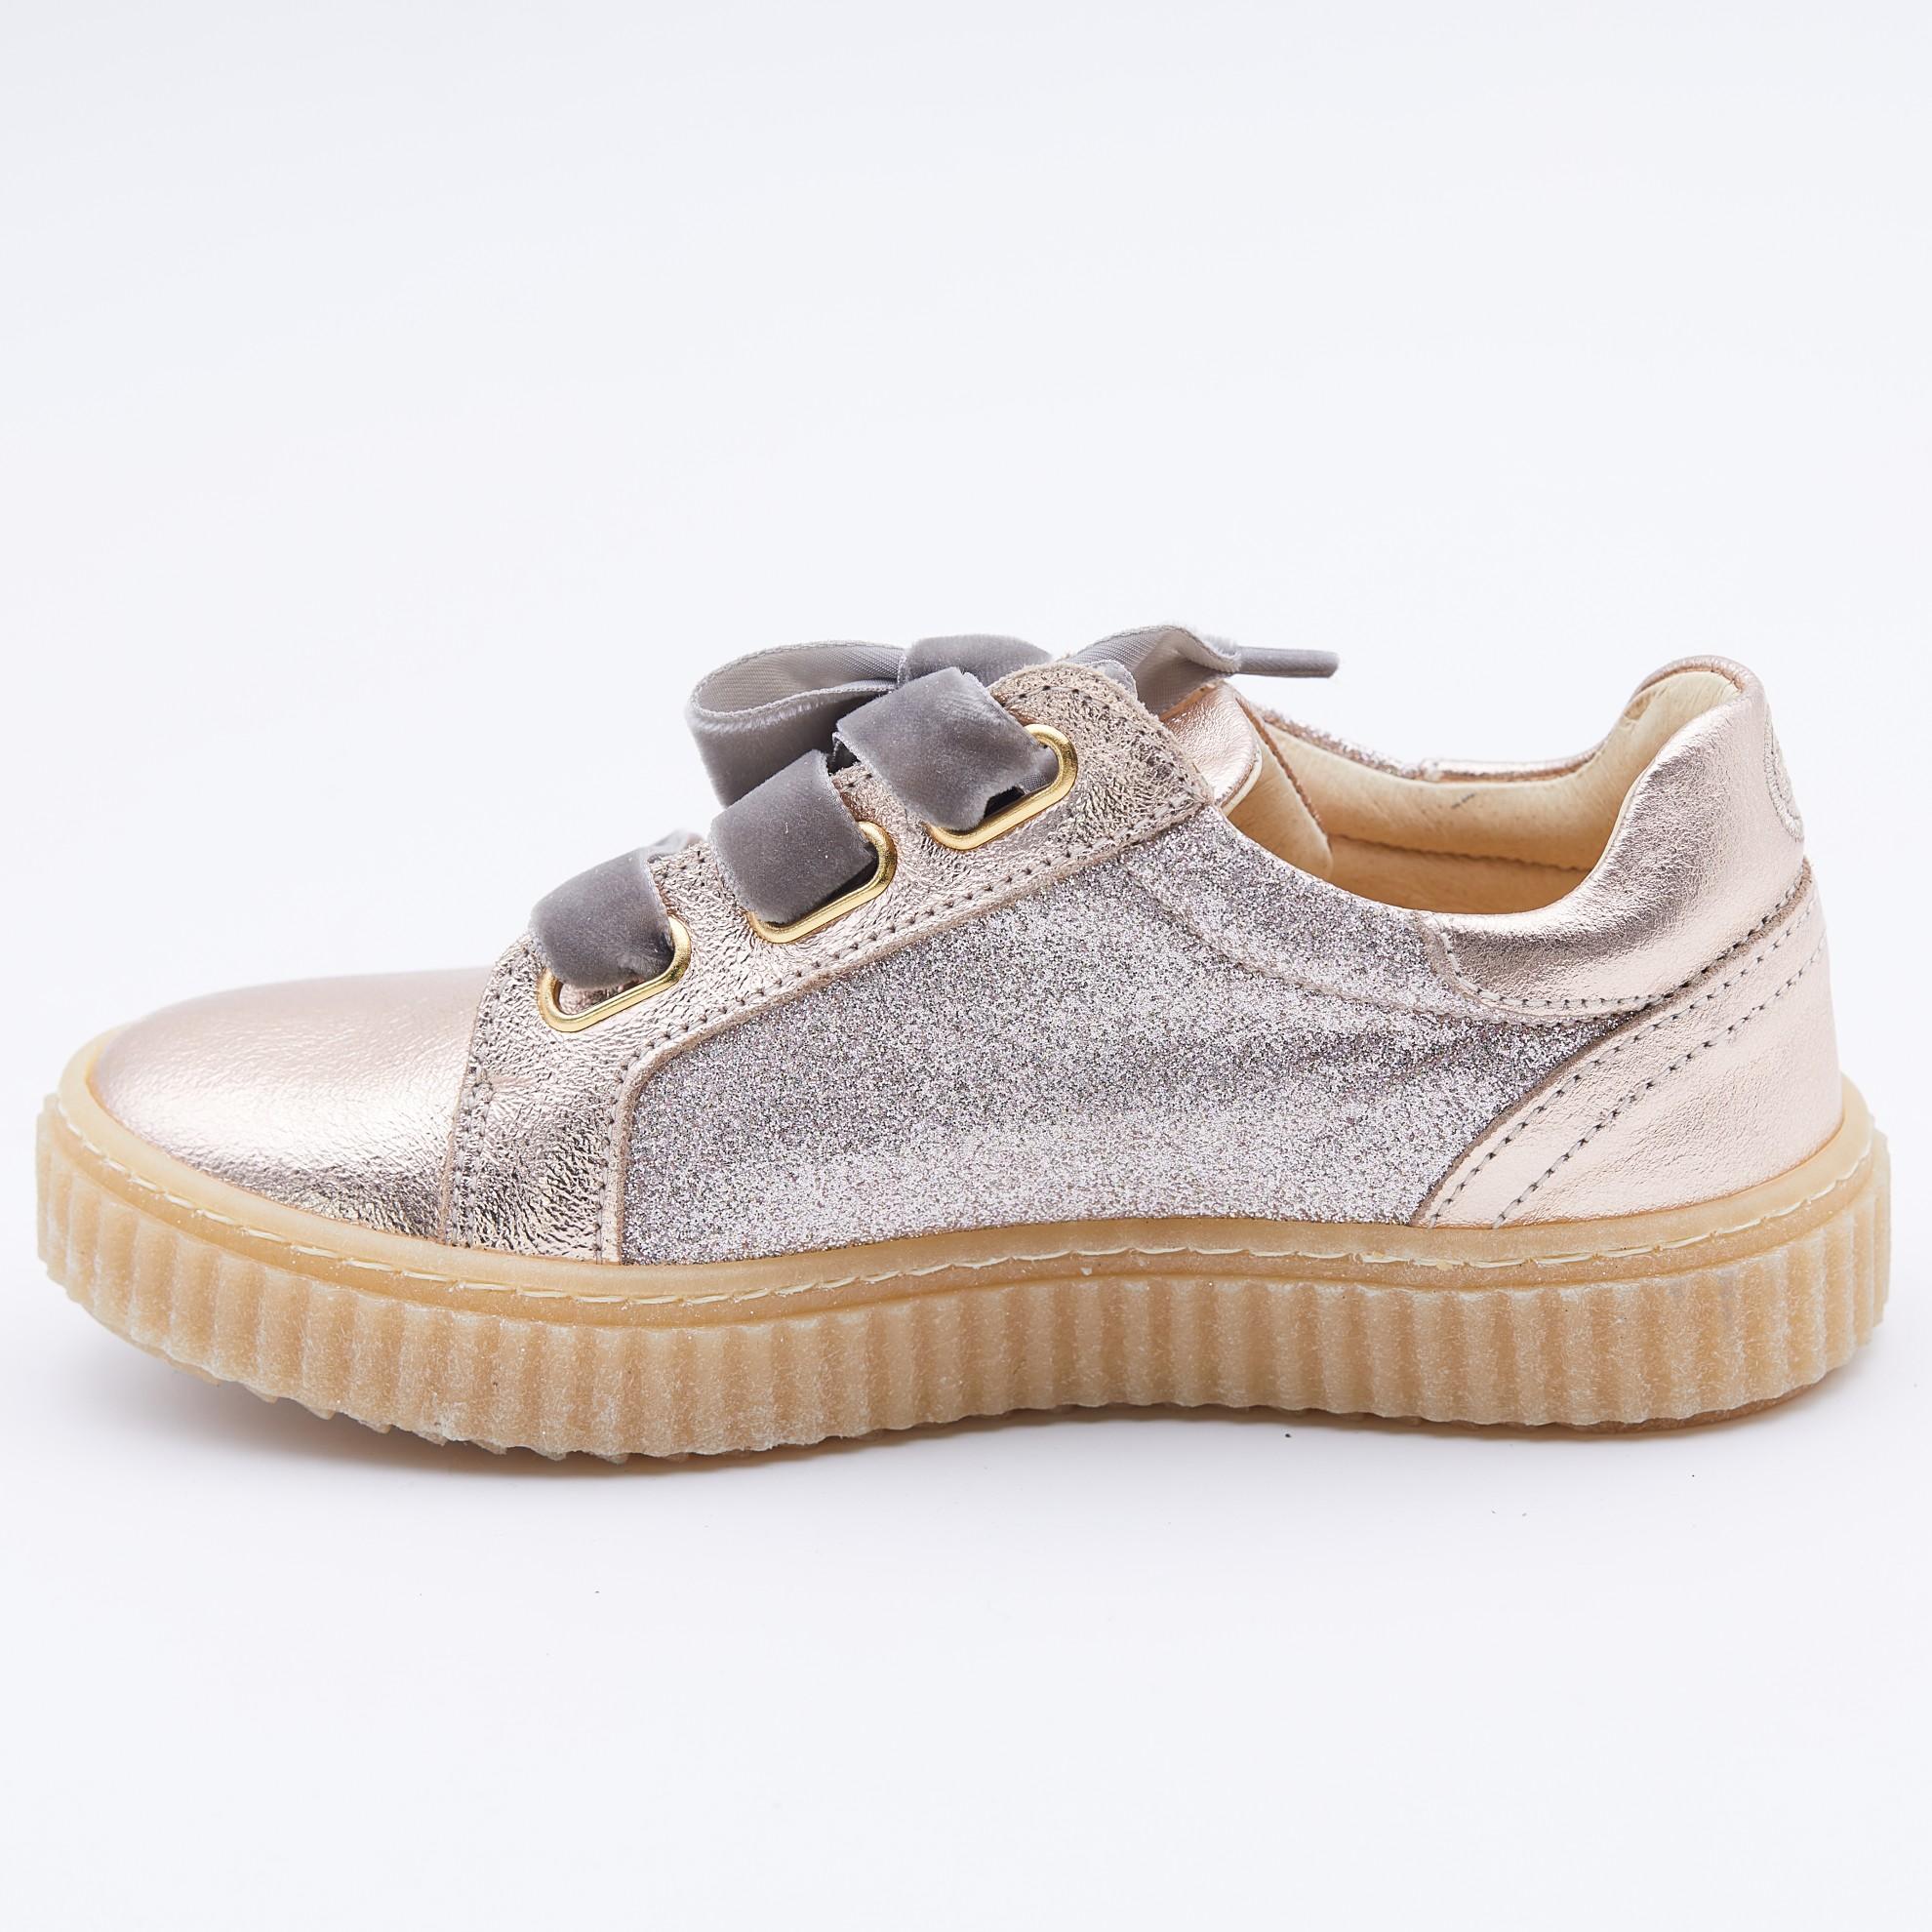 Pantofi casual aurii/sclipici